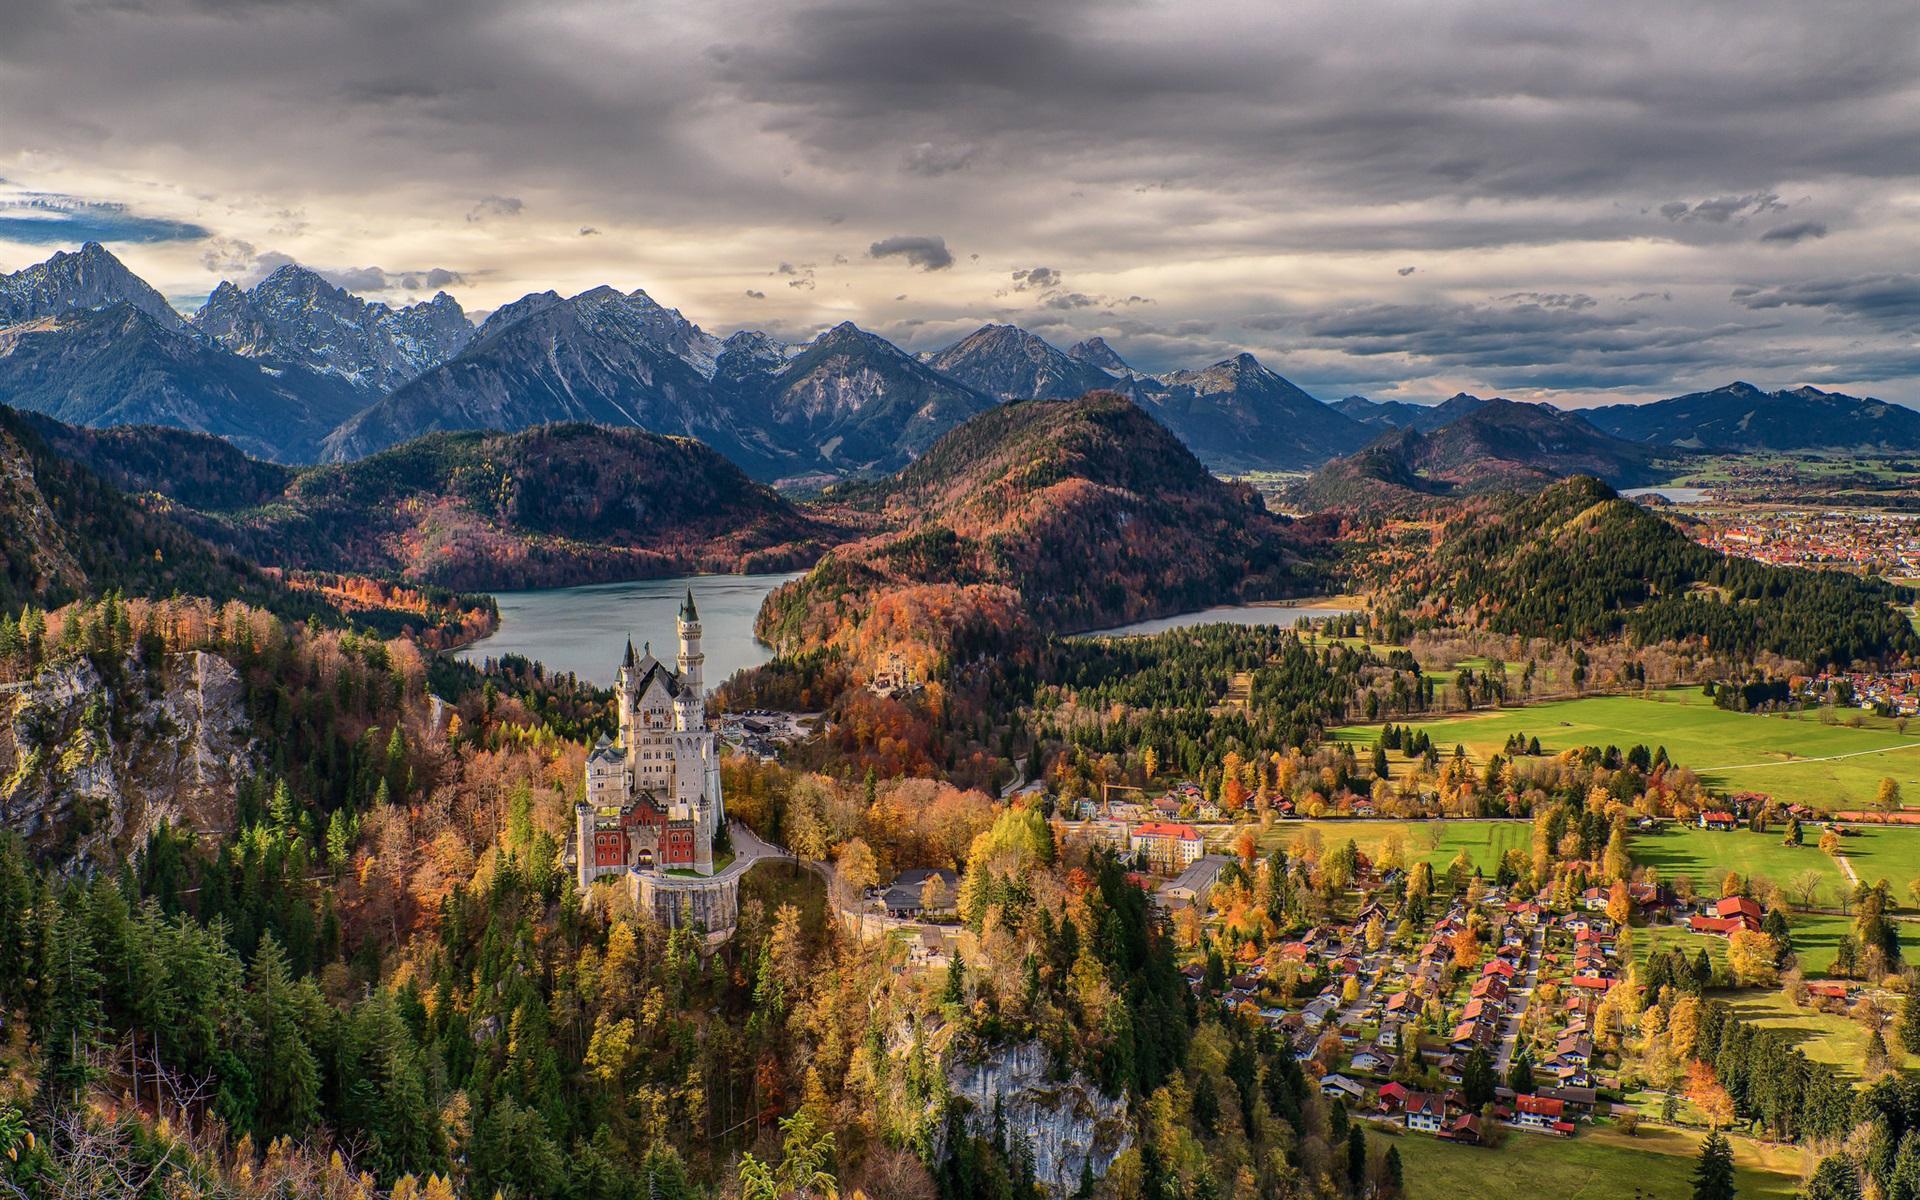 deutschland bayern b ume schloss neuschwanstein stadt berge wolken 1920x1200 hd. Black Bedroom Furniture Sets. Home Design Ideas